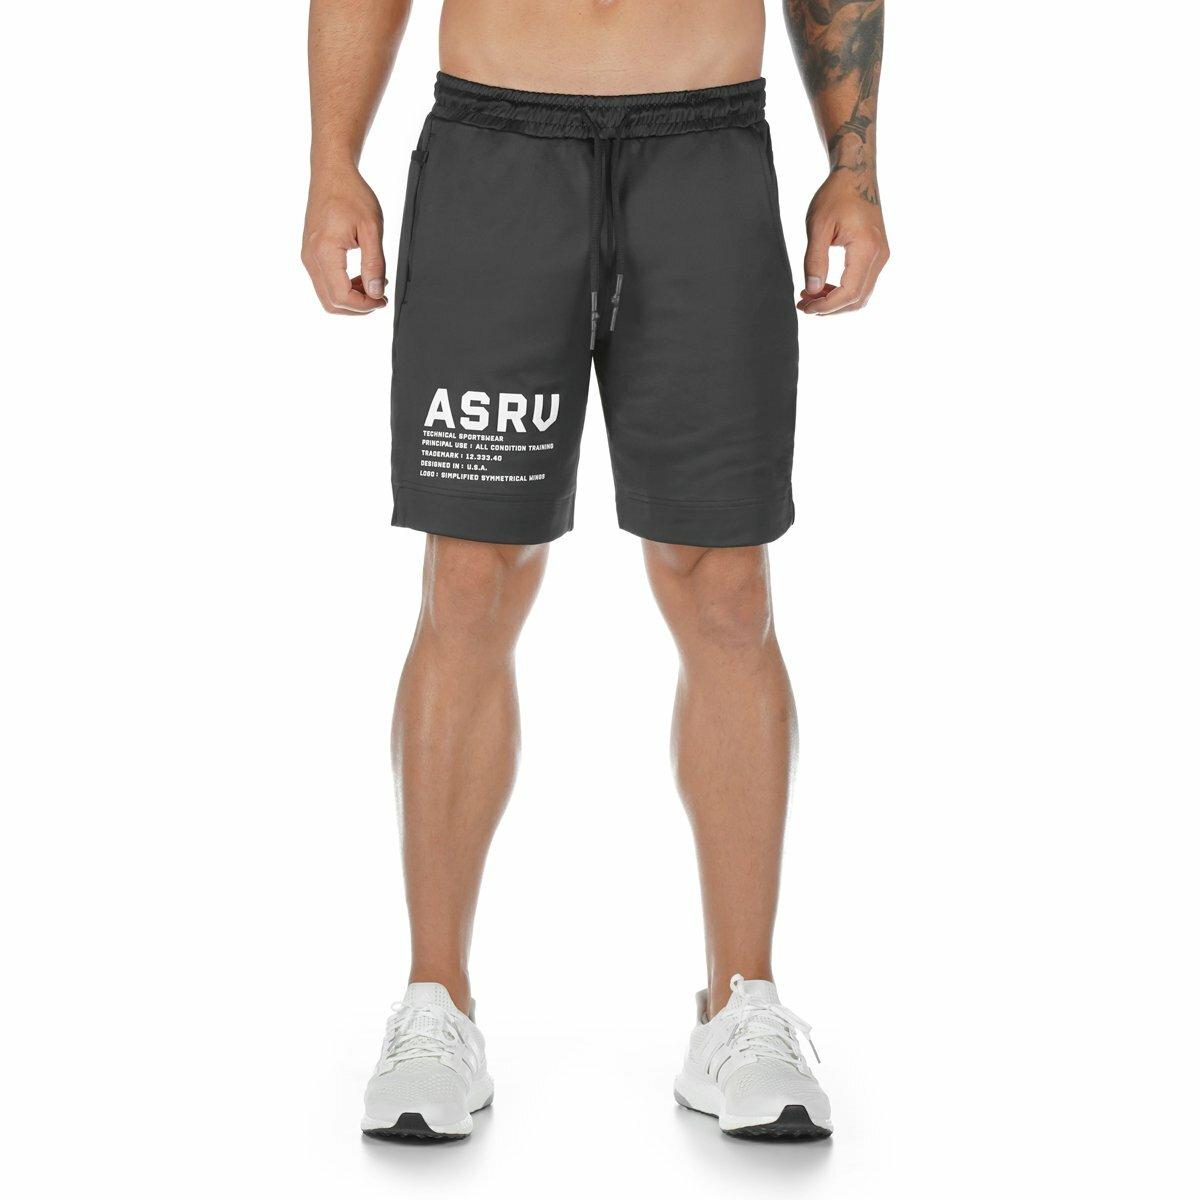 完売御礼【ASRV】SilverPlus®ユーティリティフィールドショーツ - Black